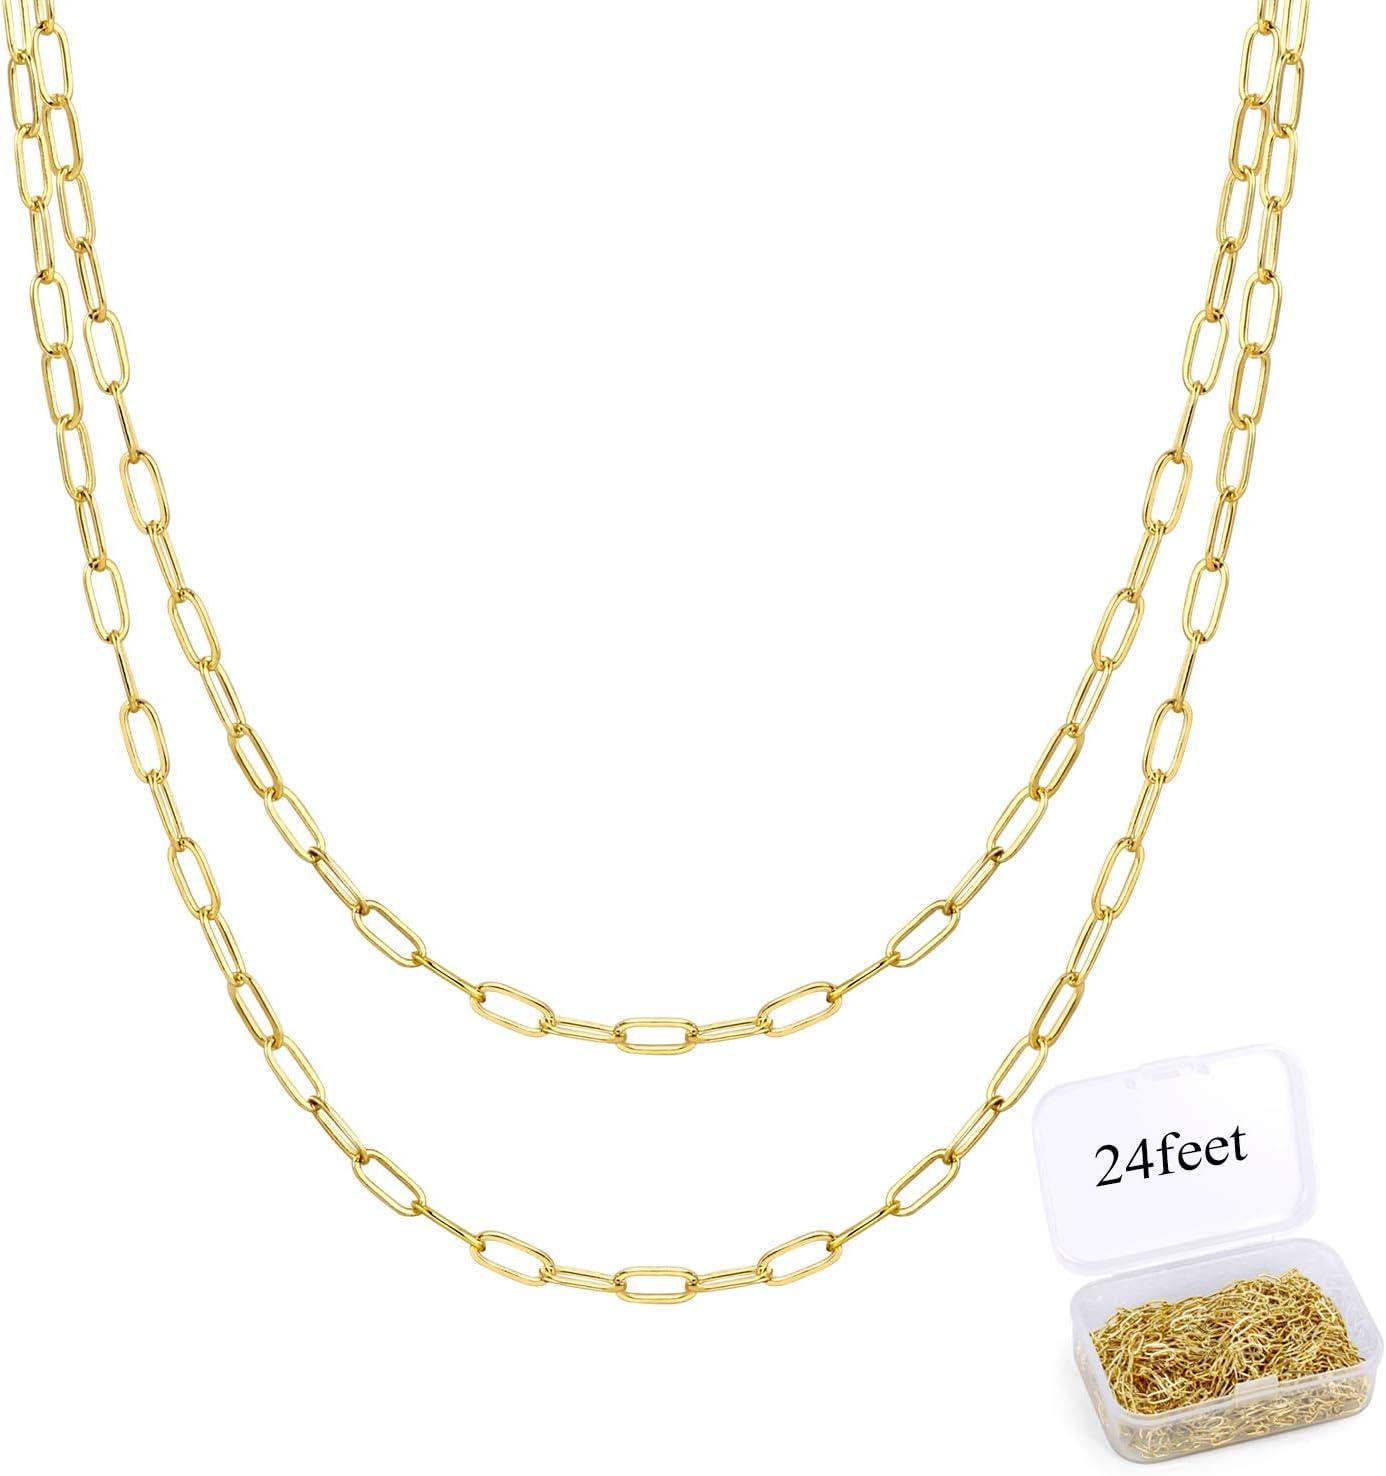 Cadena de oro de 24 pies para hacer joyas, cadena con clip, cadena de eslabones ovalados a granel para collar de joyería DIY